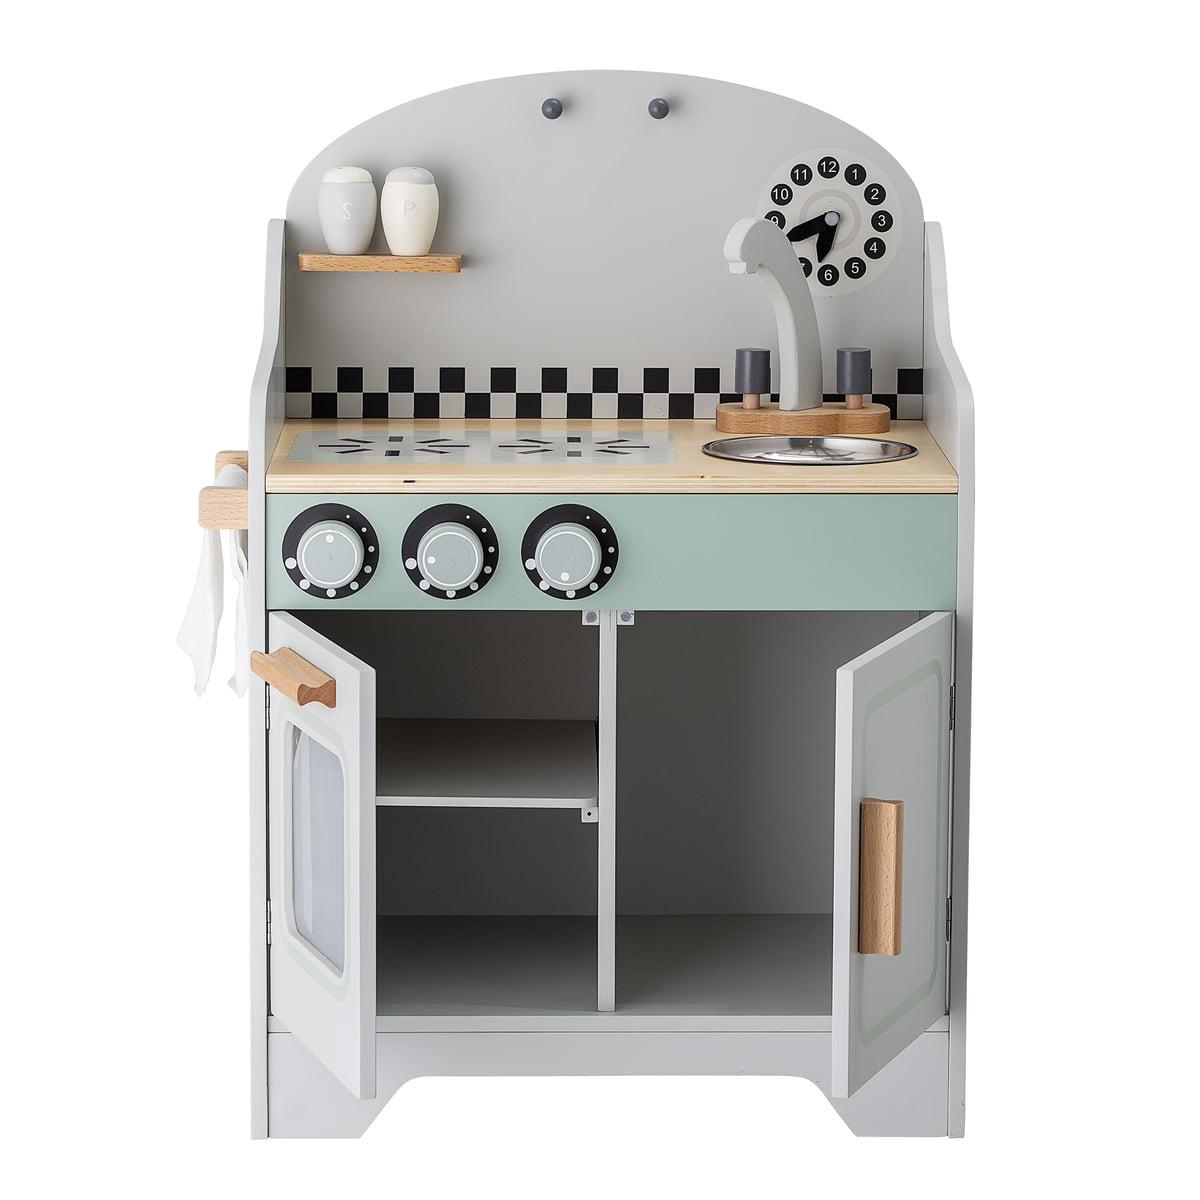 Bloomingville - Kinder Spielküche, grau